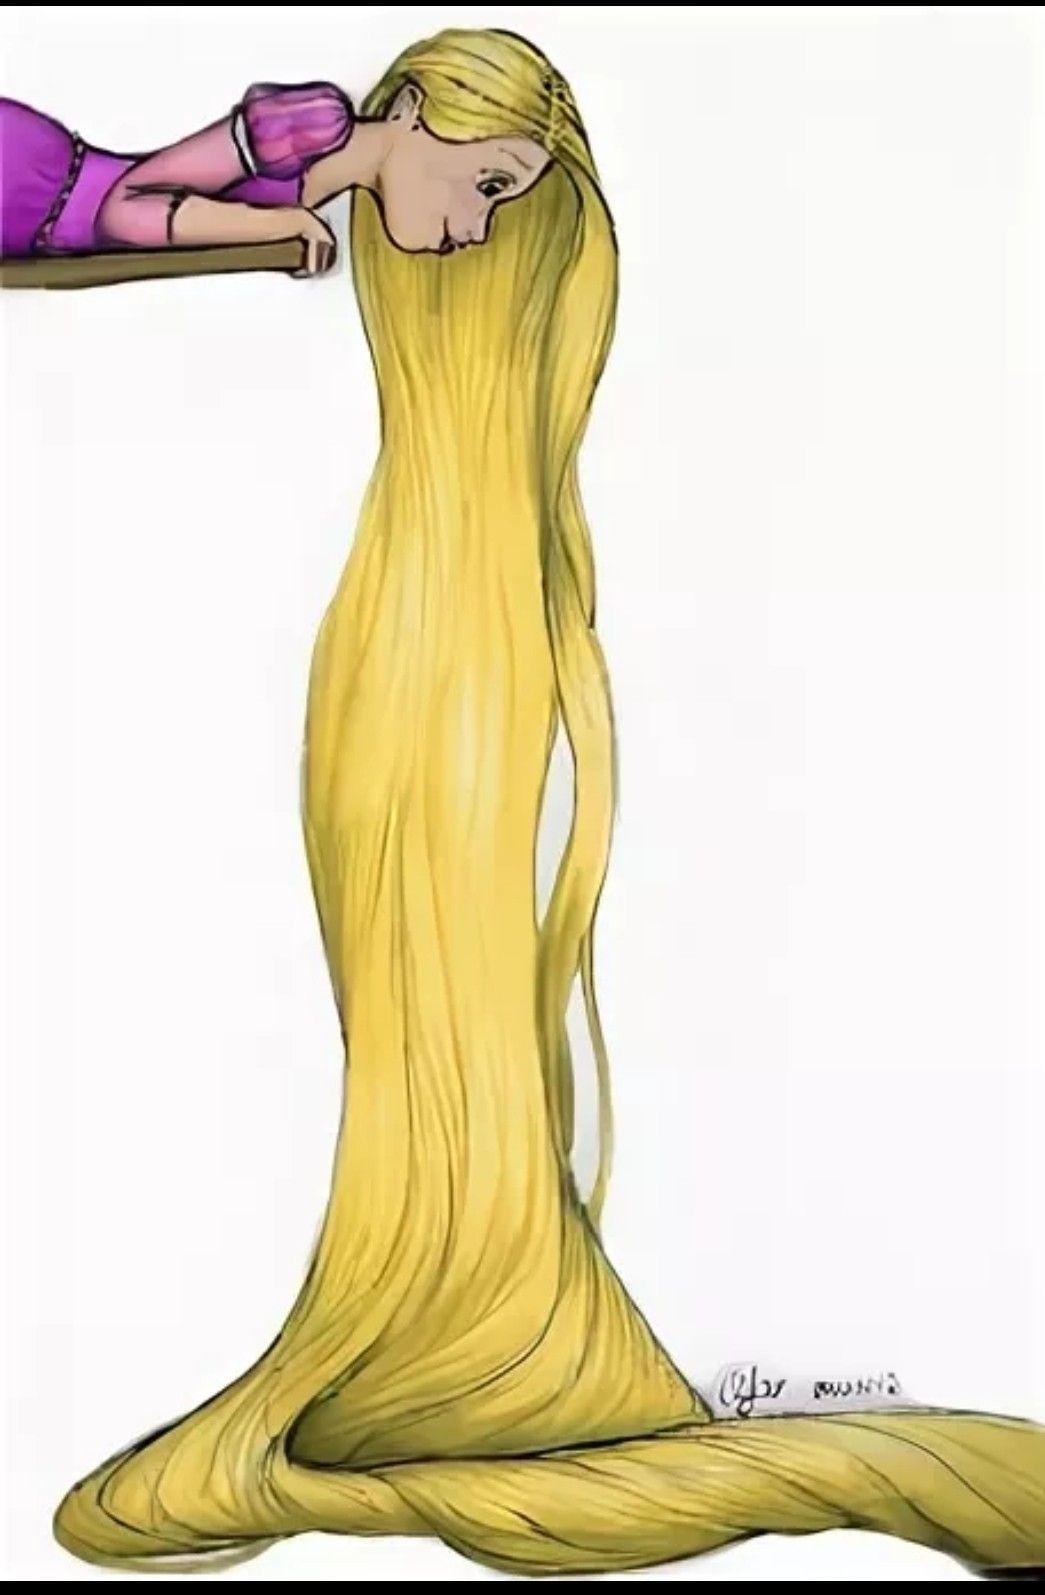 рапунцель связывает волосами картинка горячей иголкой